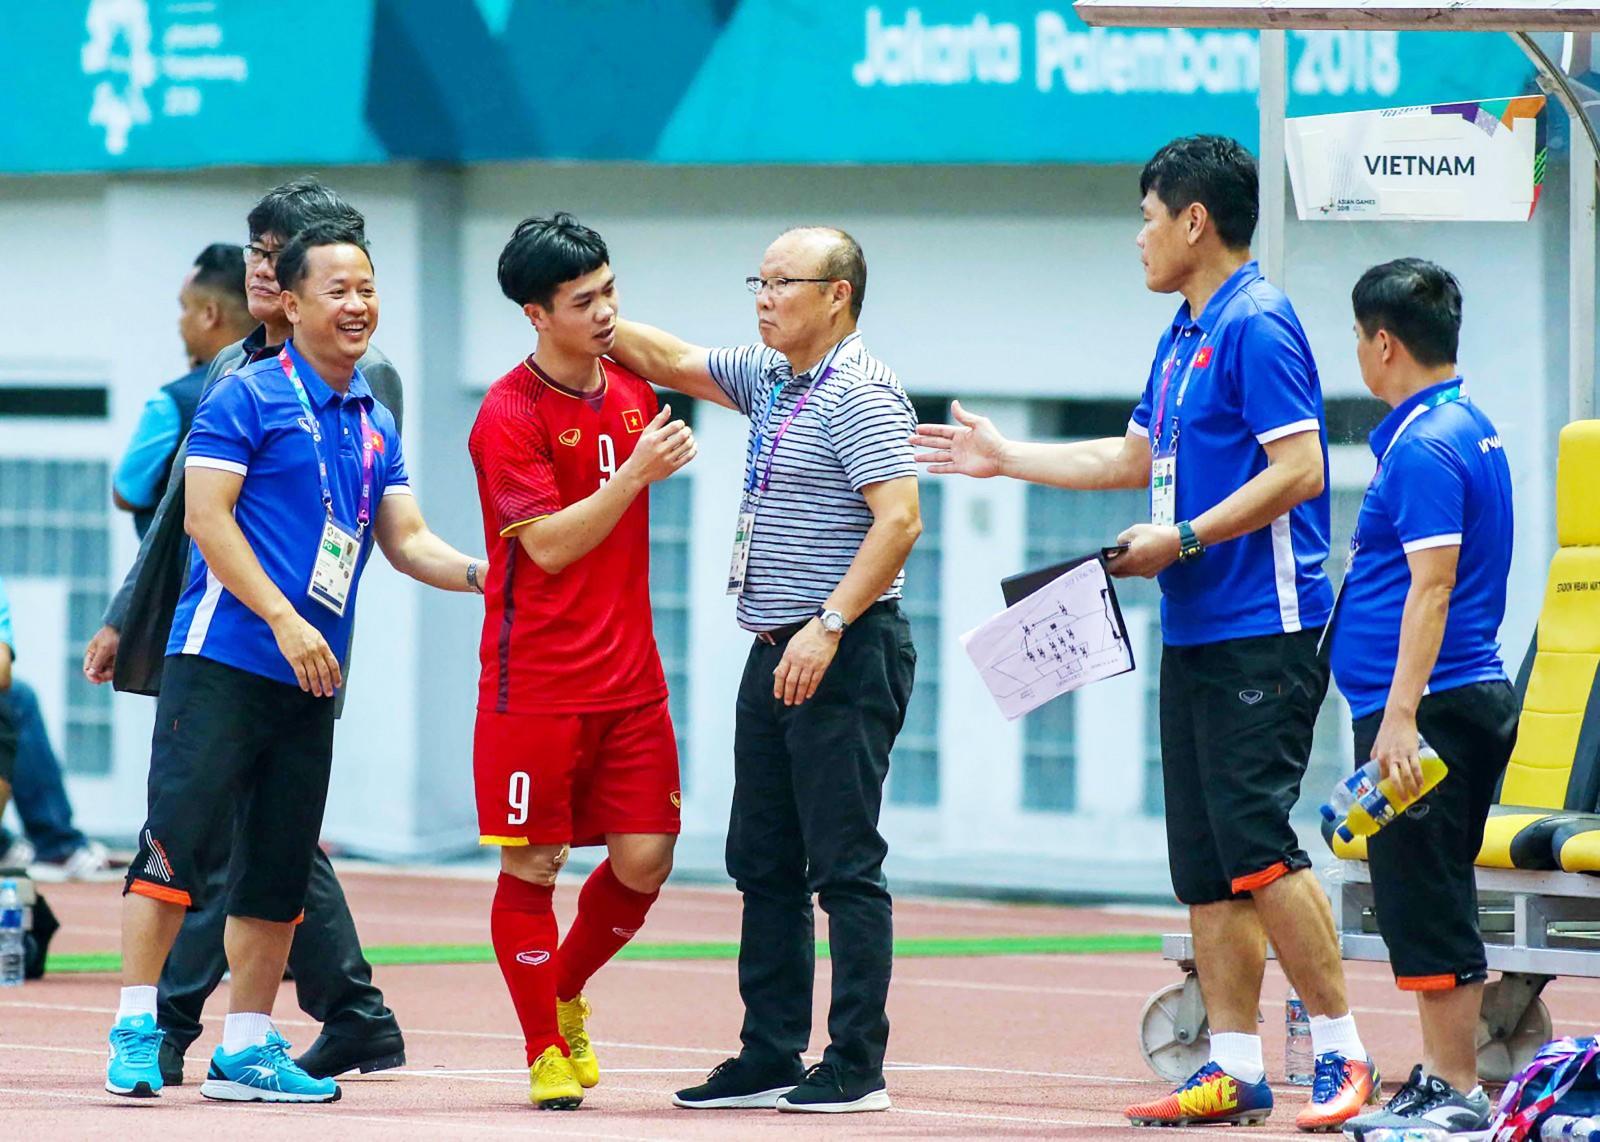 """HLV Park Hang-seo sẽ tính toán """"chia lửa"""" cho hai đội hình mà không nhất thiết phải chọn lực lượng mạnh nhất đá King's Cup. Ảnh: ANH HUY"""